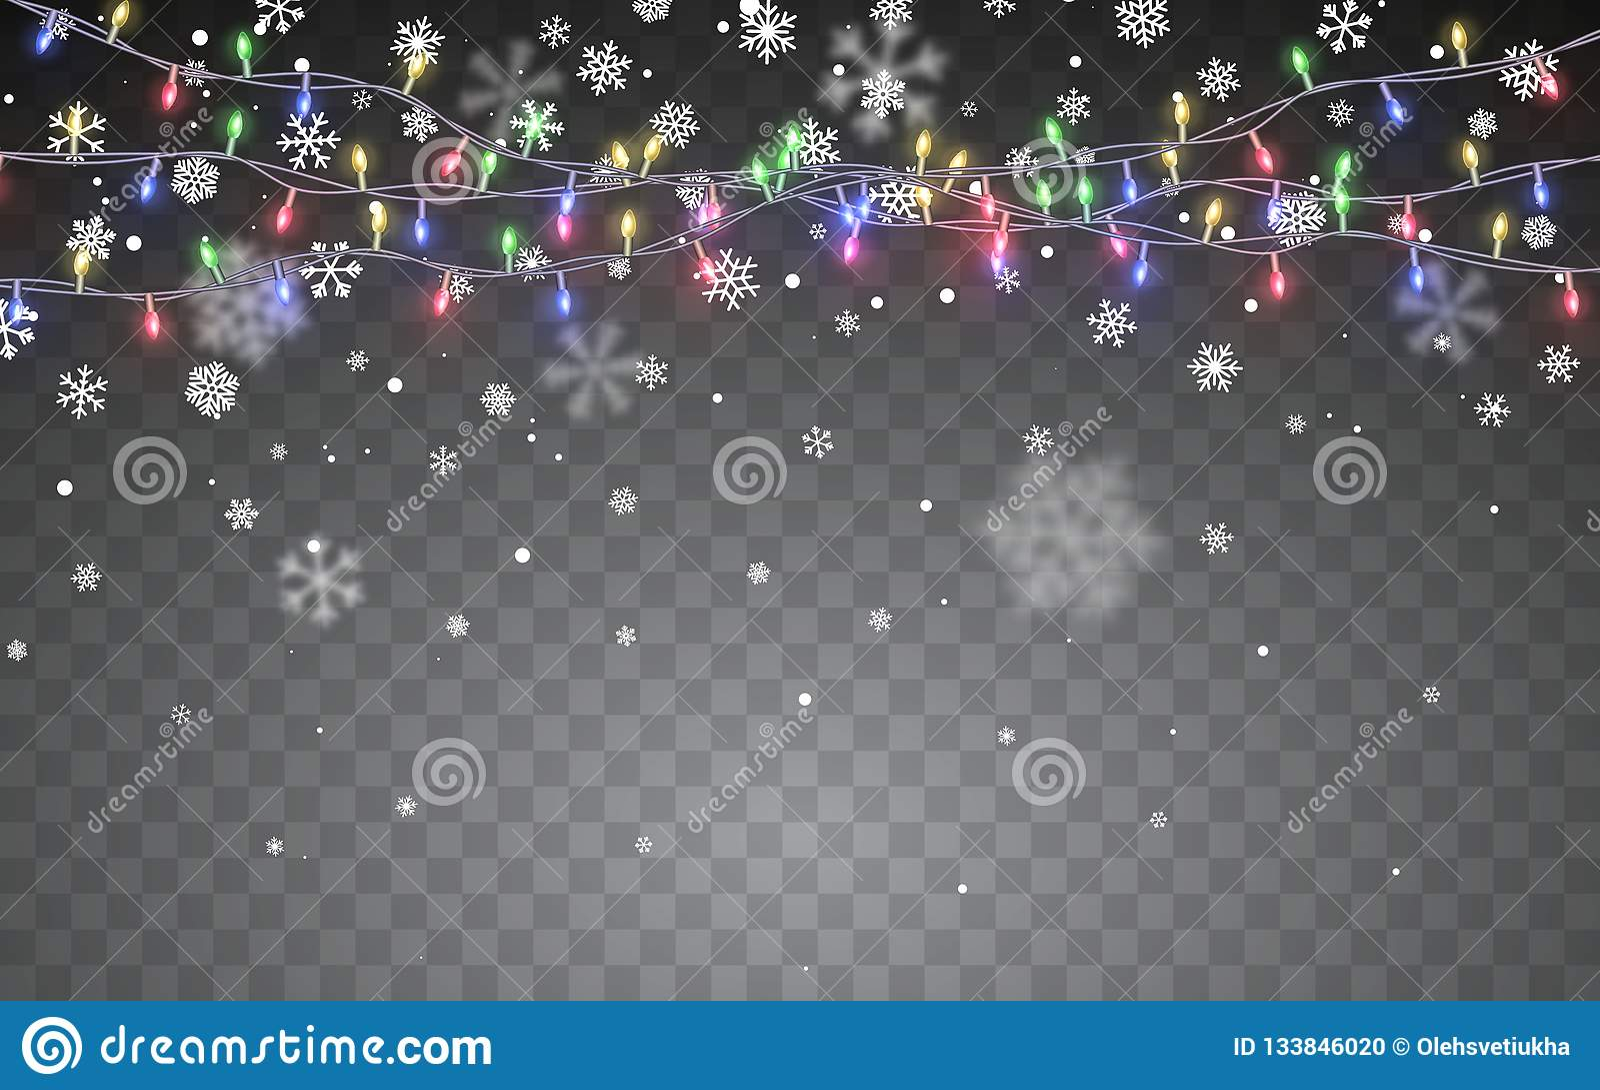 Julsnow Fallande vita snöflingor på mörk bakgrund Xmas-färggirland, festliga garneringar glödande lampor för jul